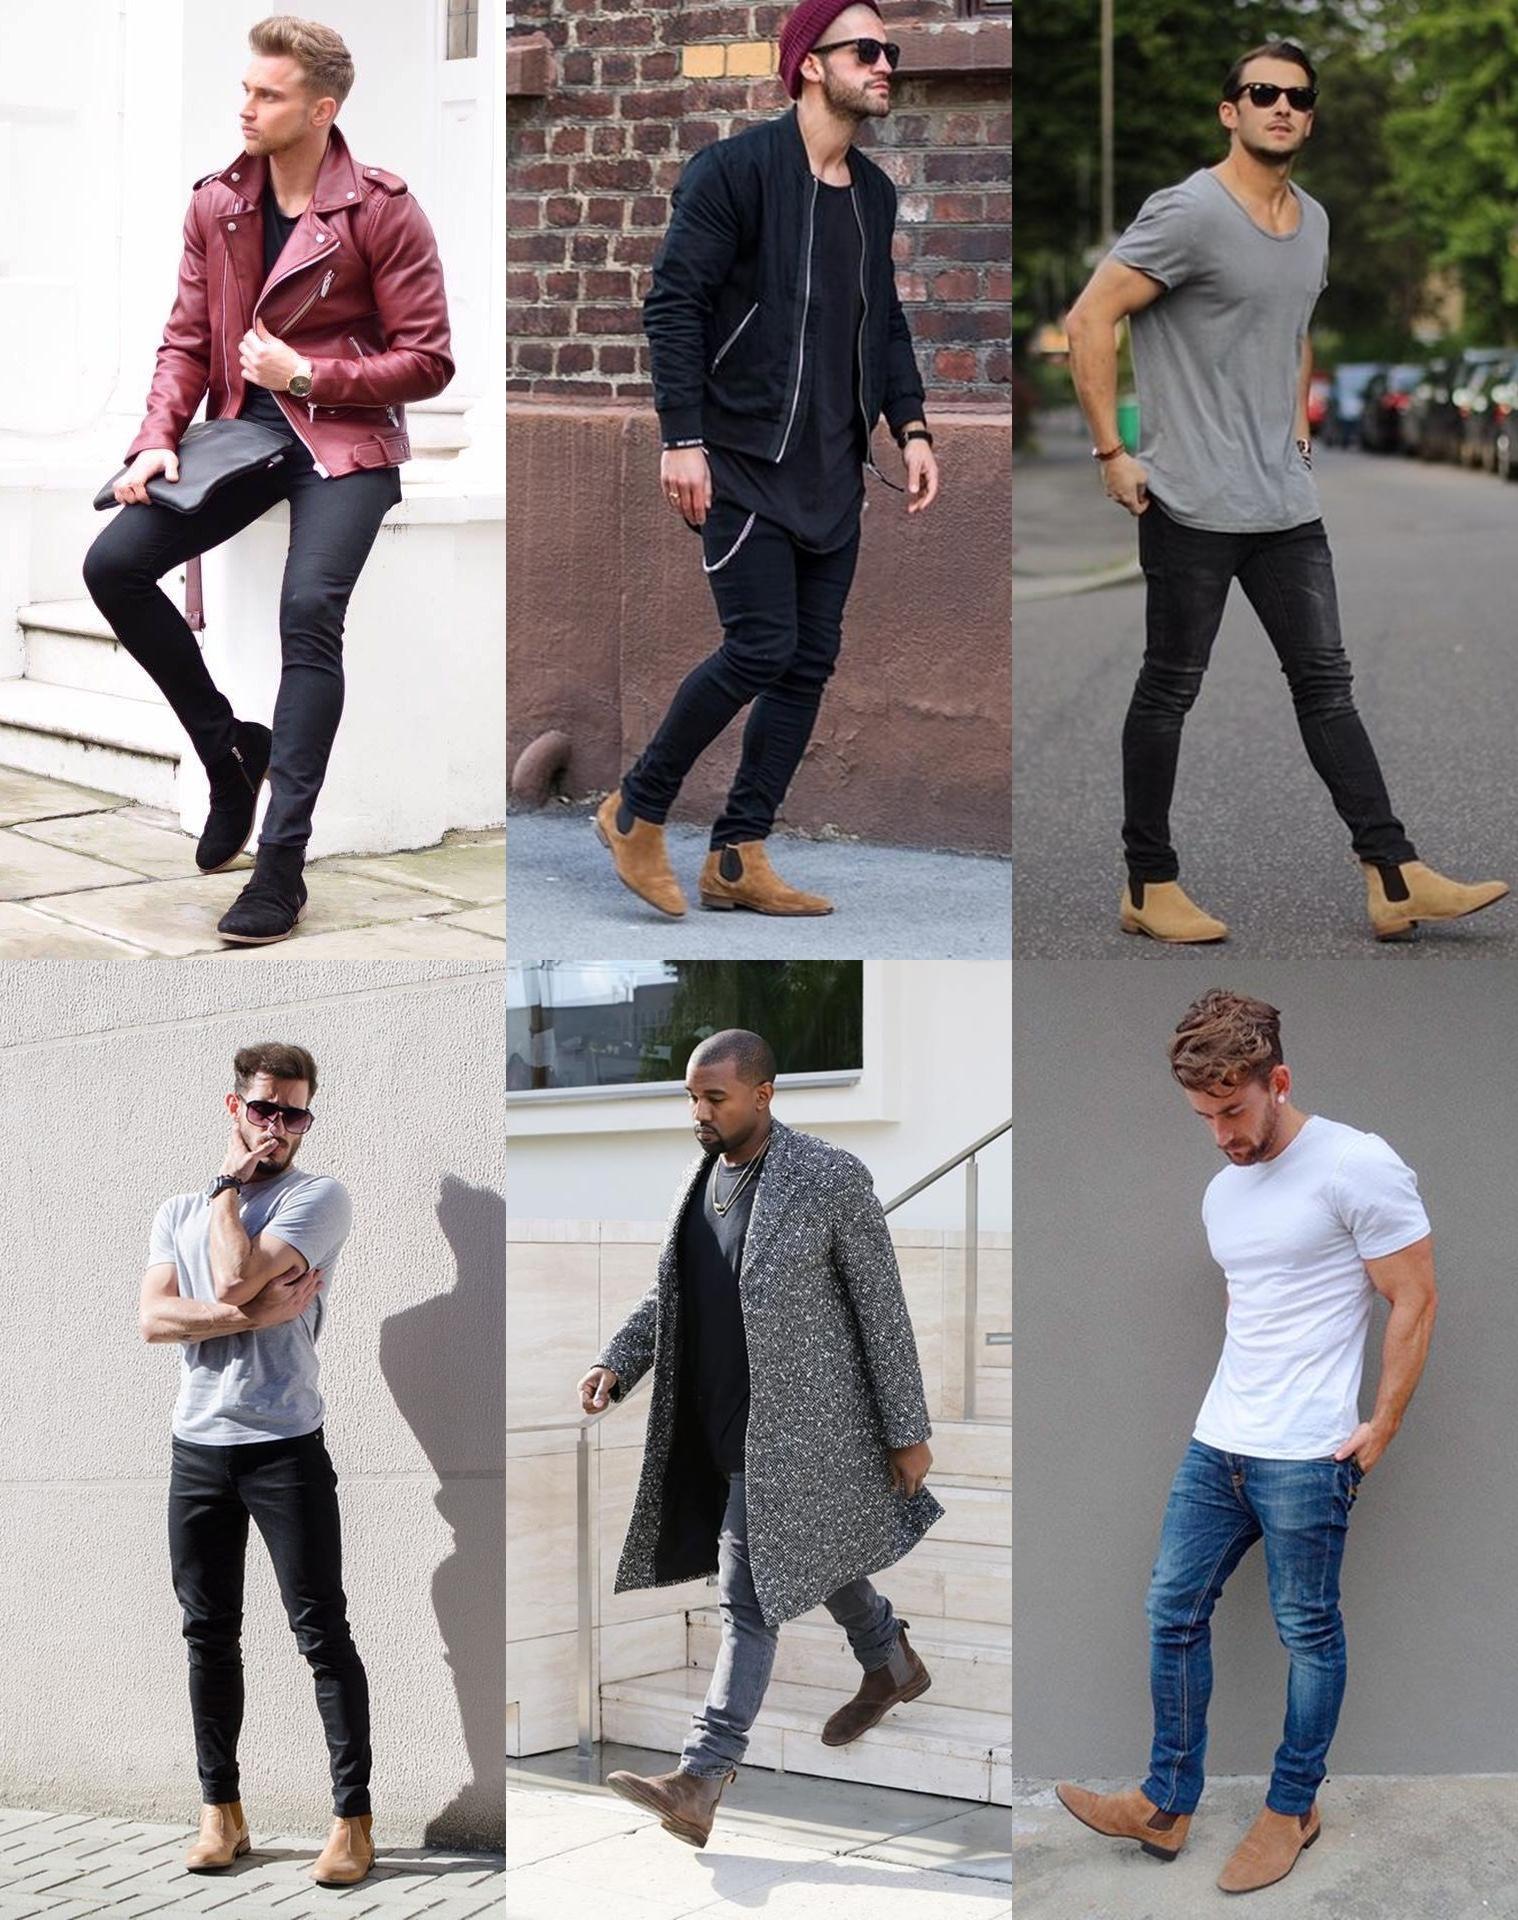 botina masculina 2017, bota masculina 2017, calçado masculino 2017, tendencia masculina 2017, blog de moda masculina, dicas de moda para homens, (1)